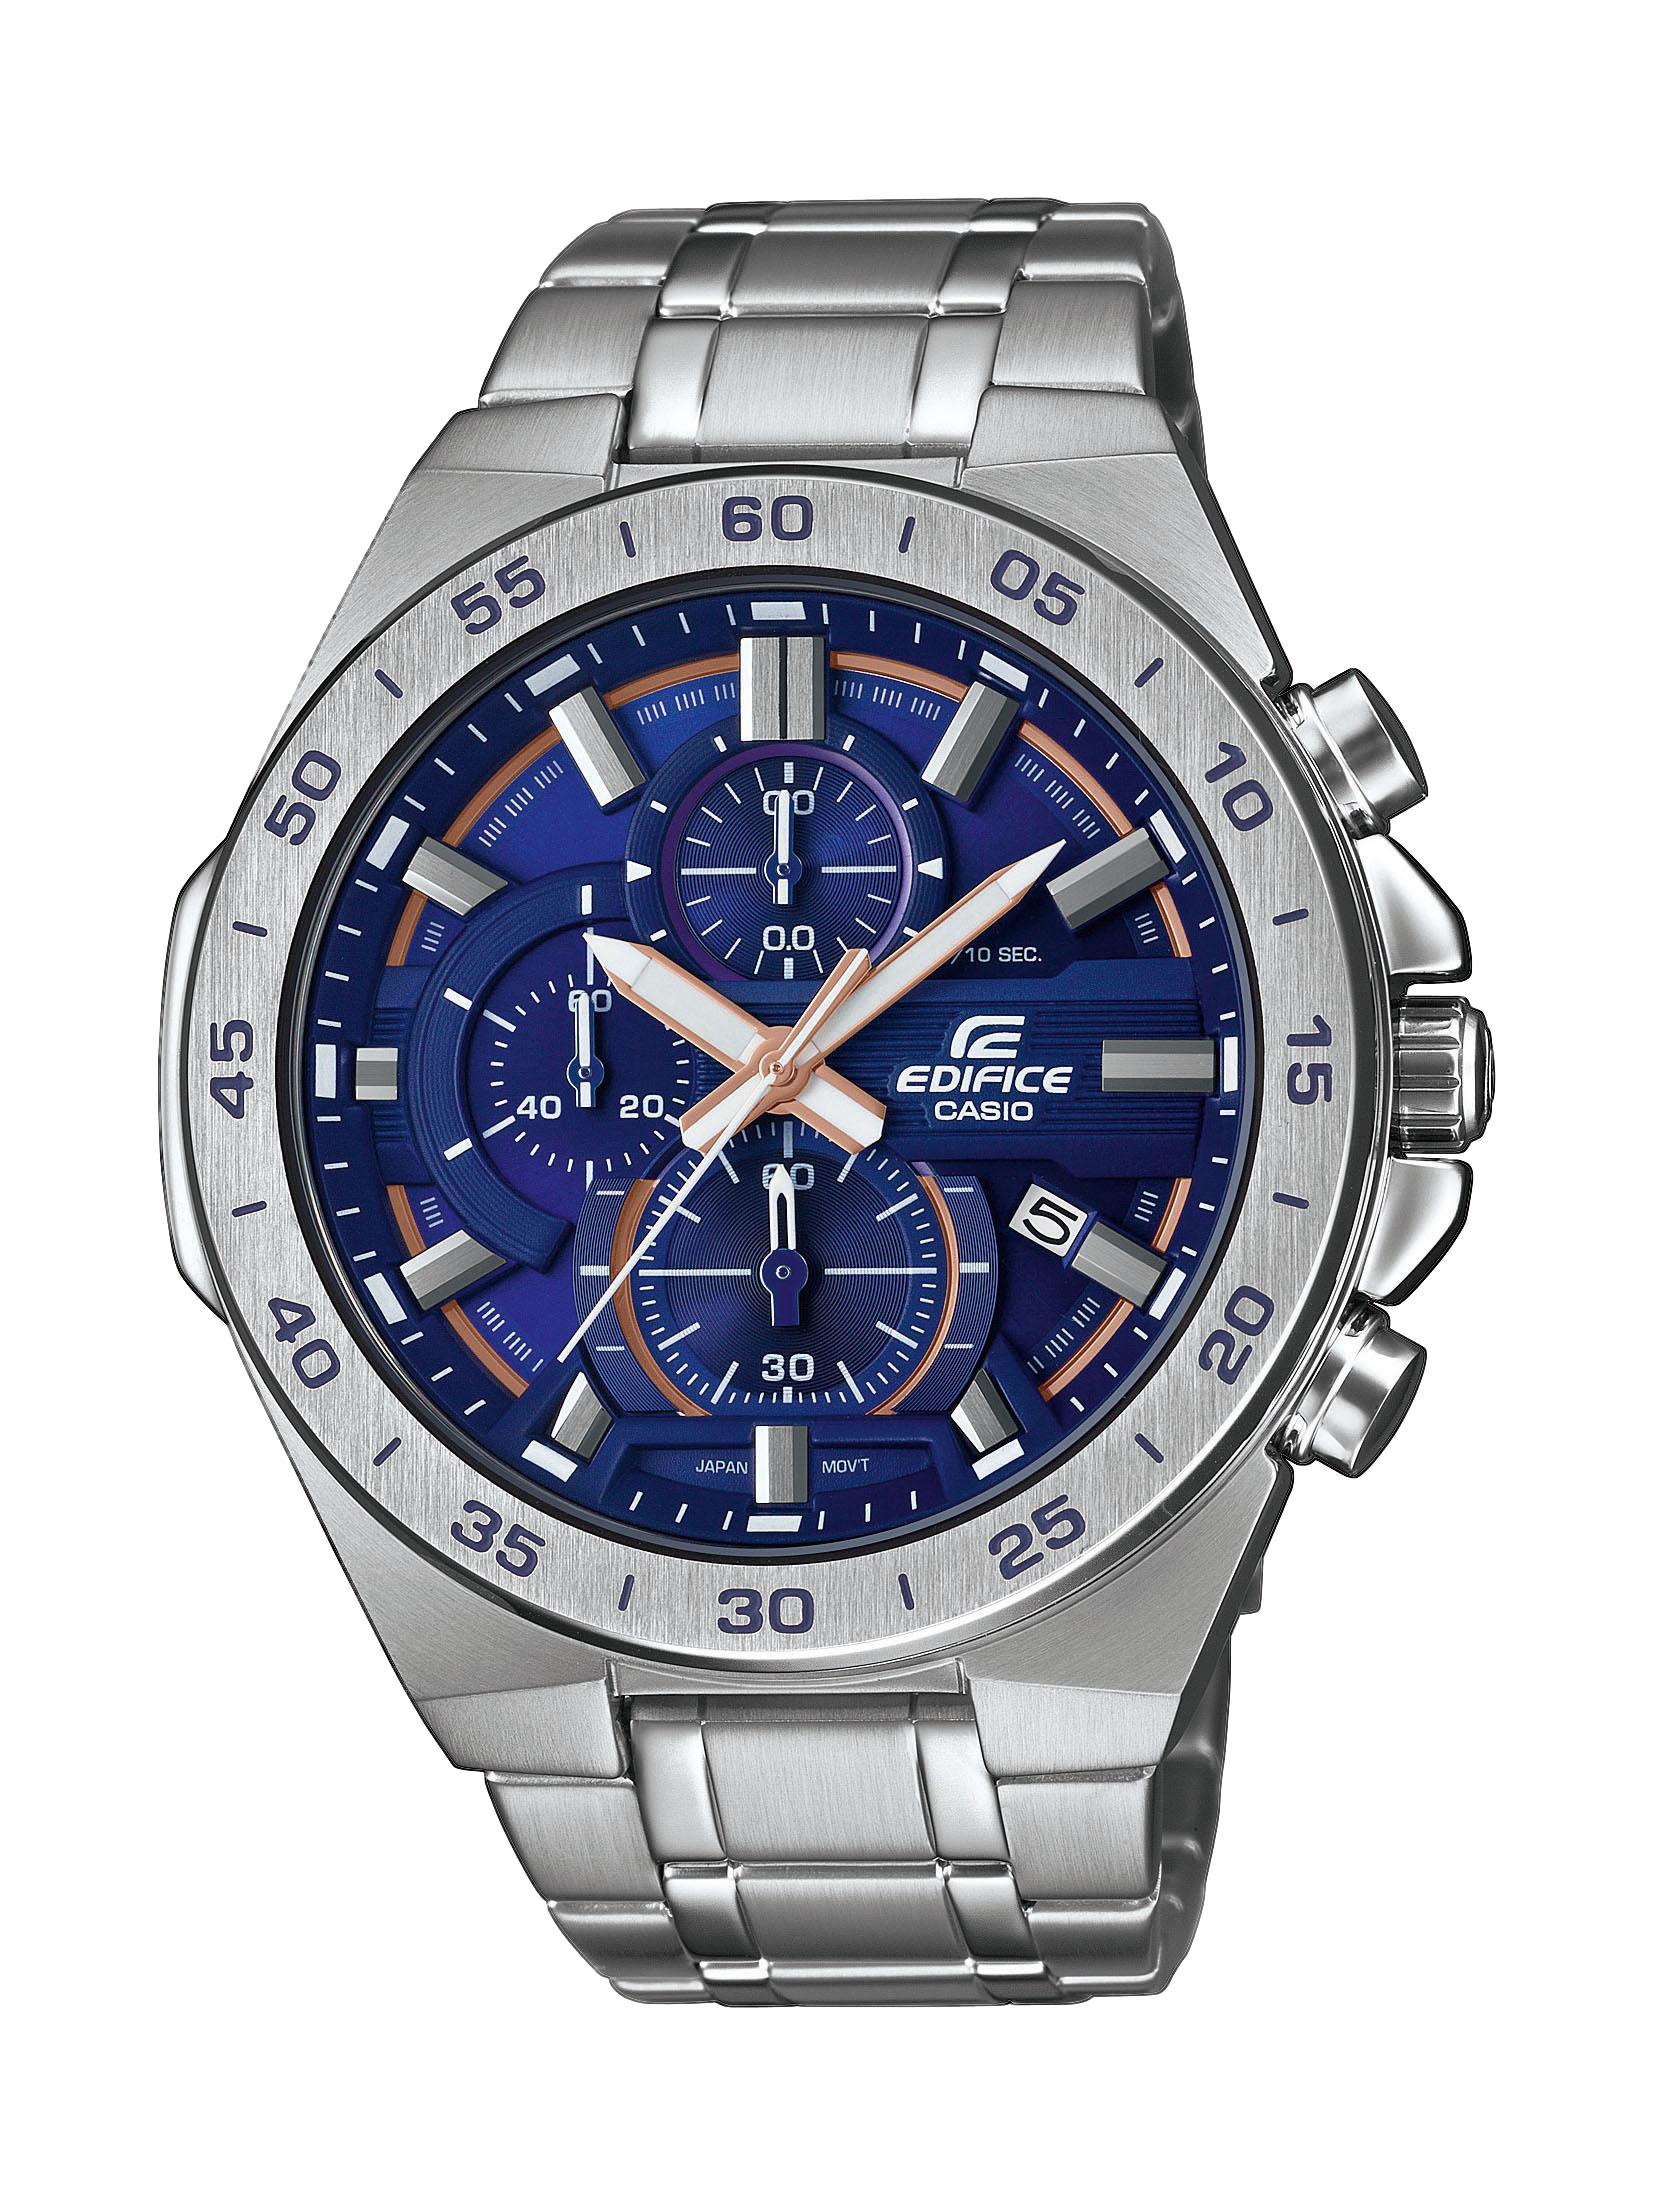 Ρολόι Casio Edifice Clasic EFR-564D-2AVUEF